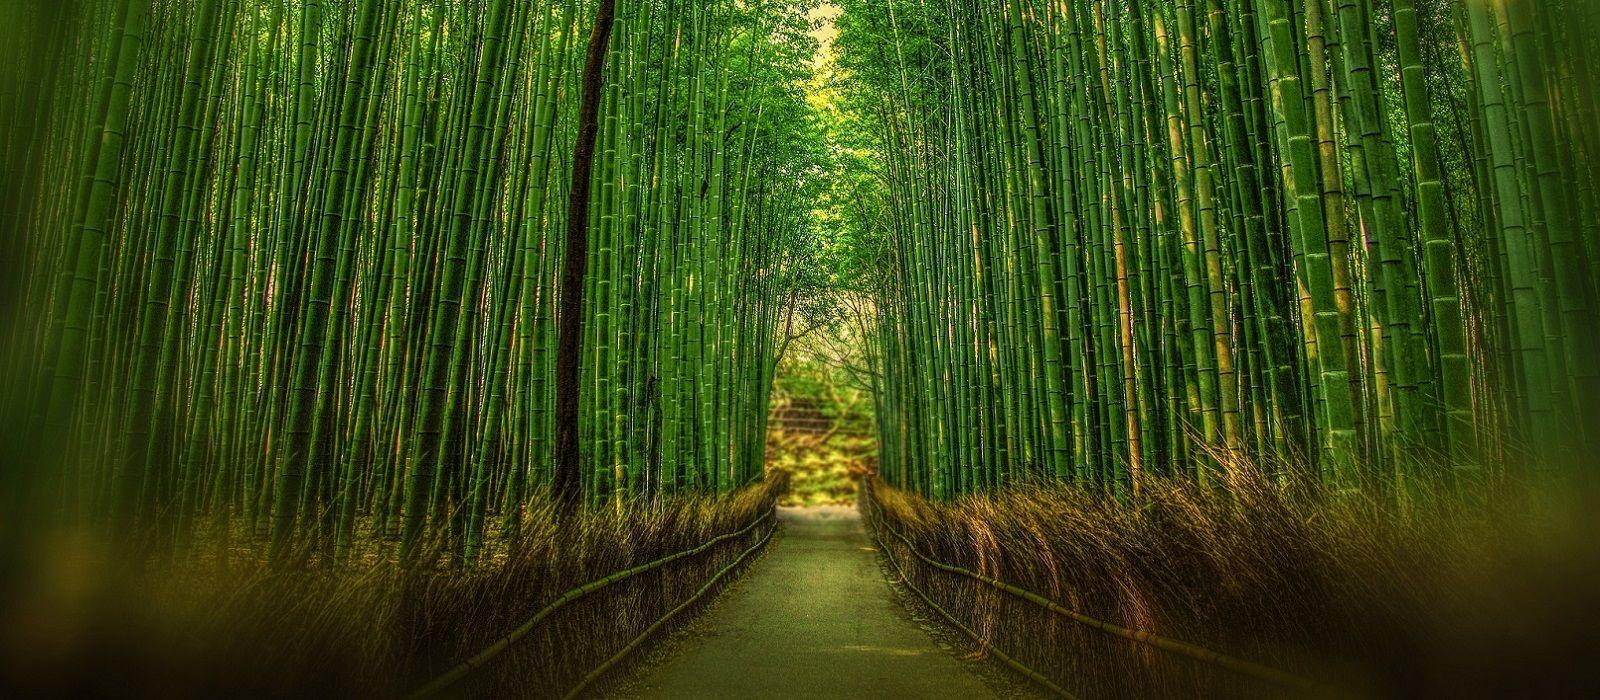 Just Japan – An Introduction Tour Trip 3